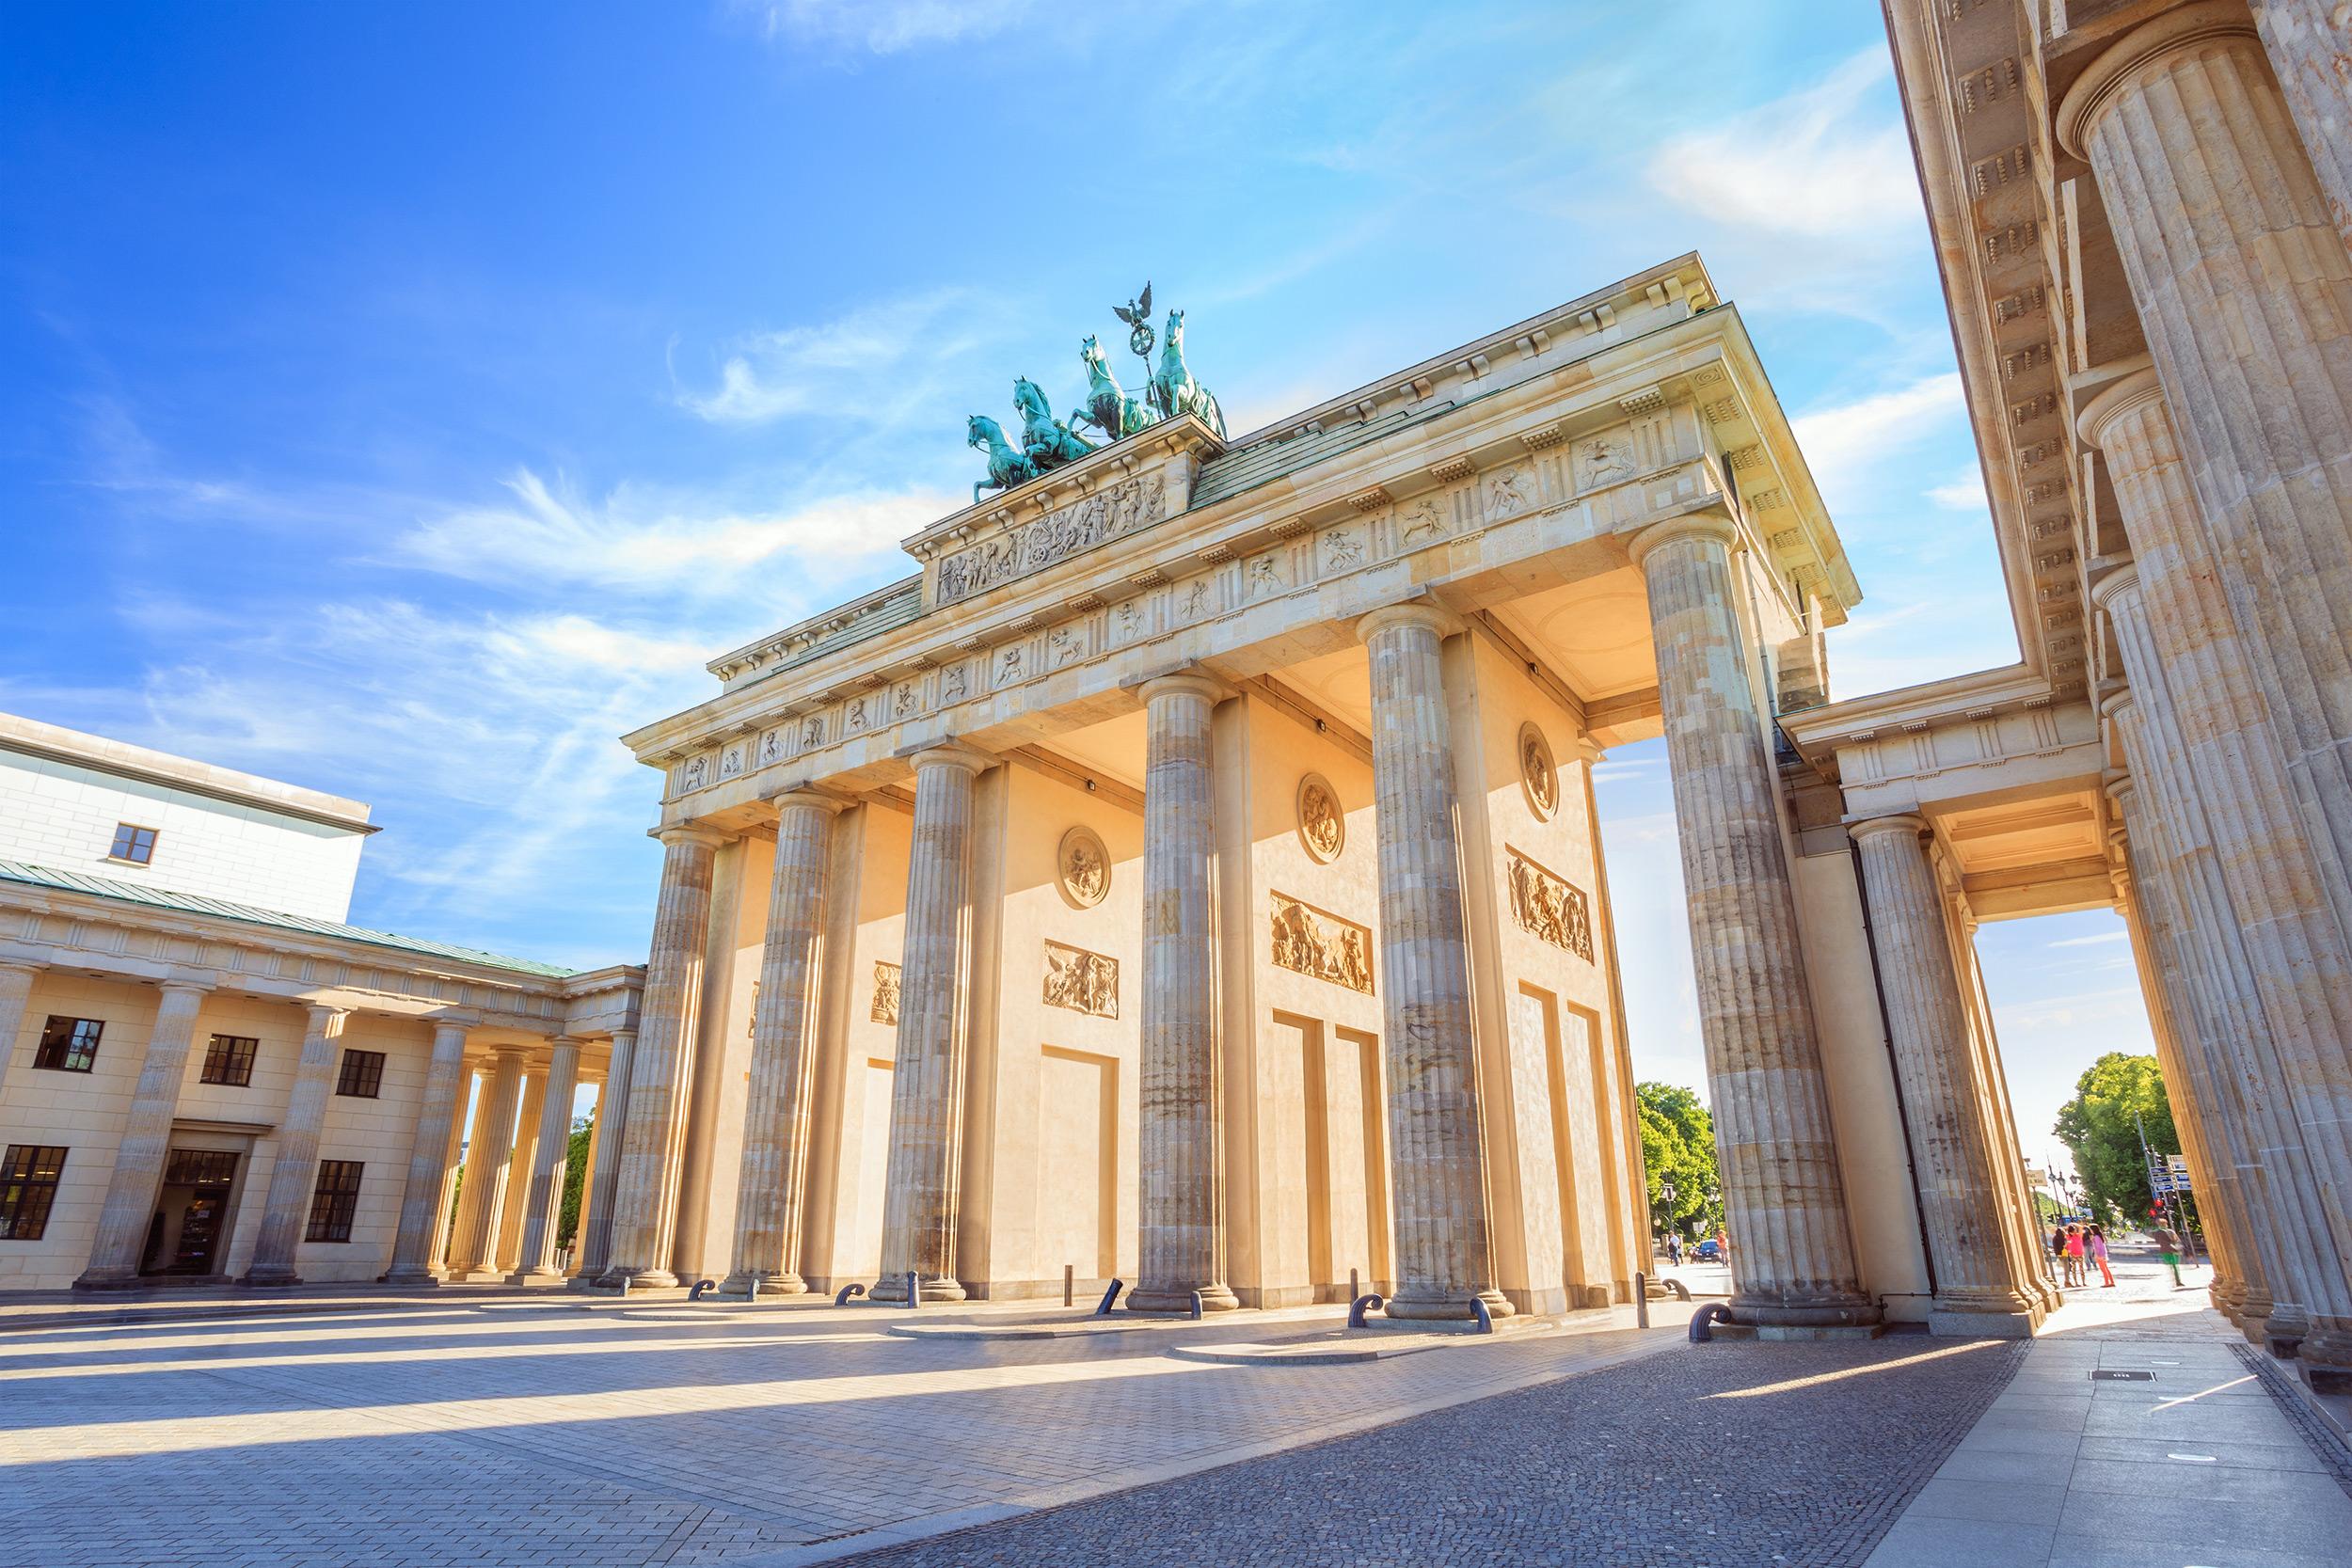 Kurztrip Berlin 3 Tage Im 4 Hotel Frühstück Wellness Nur 80